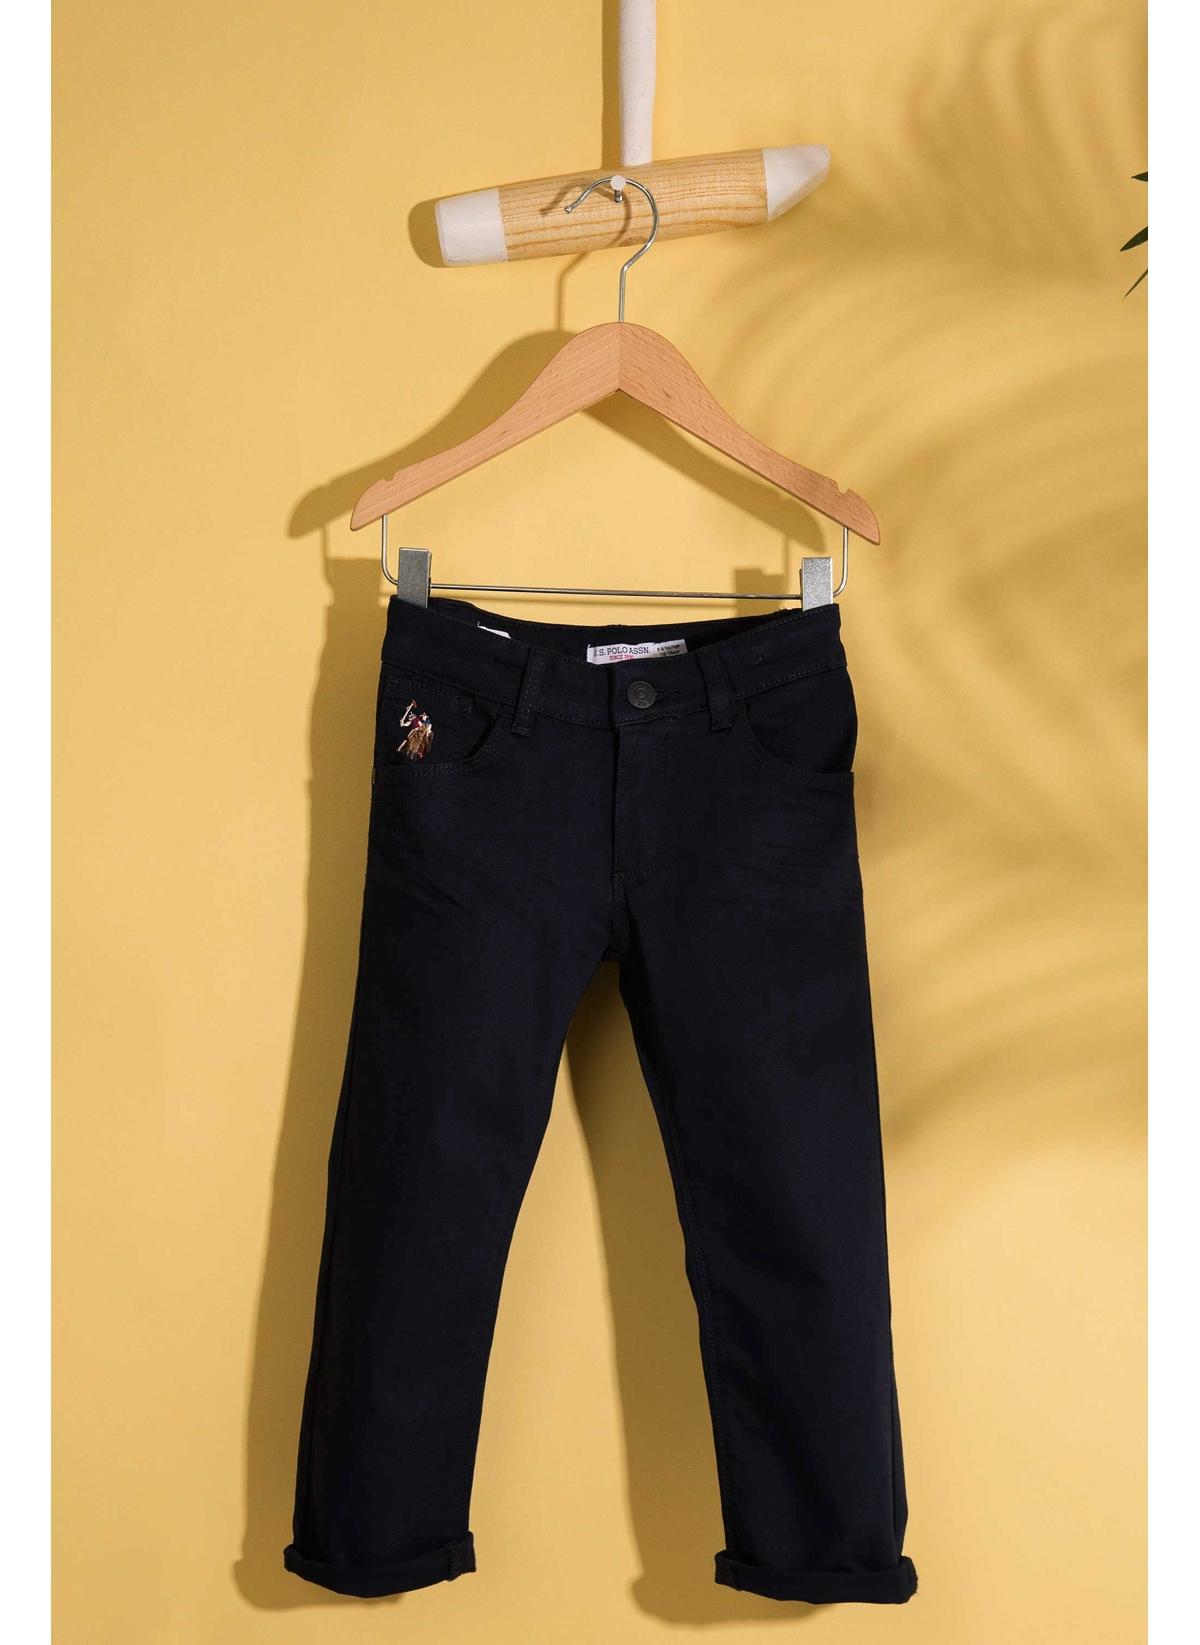 U.S. Polo Assn. Pantolon 3 Yaş 5001704581005 Ürün Resmi